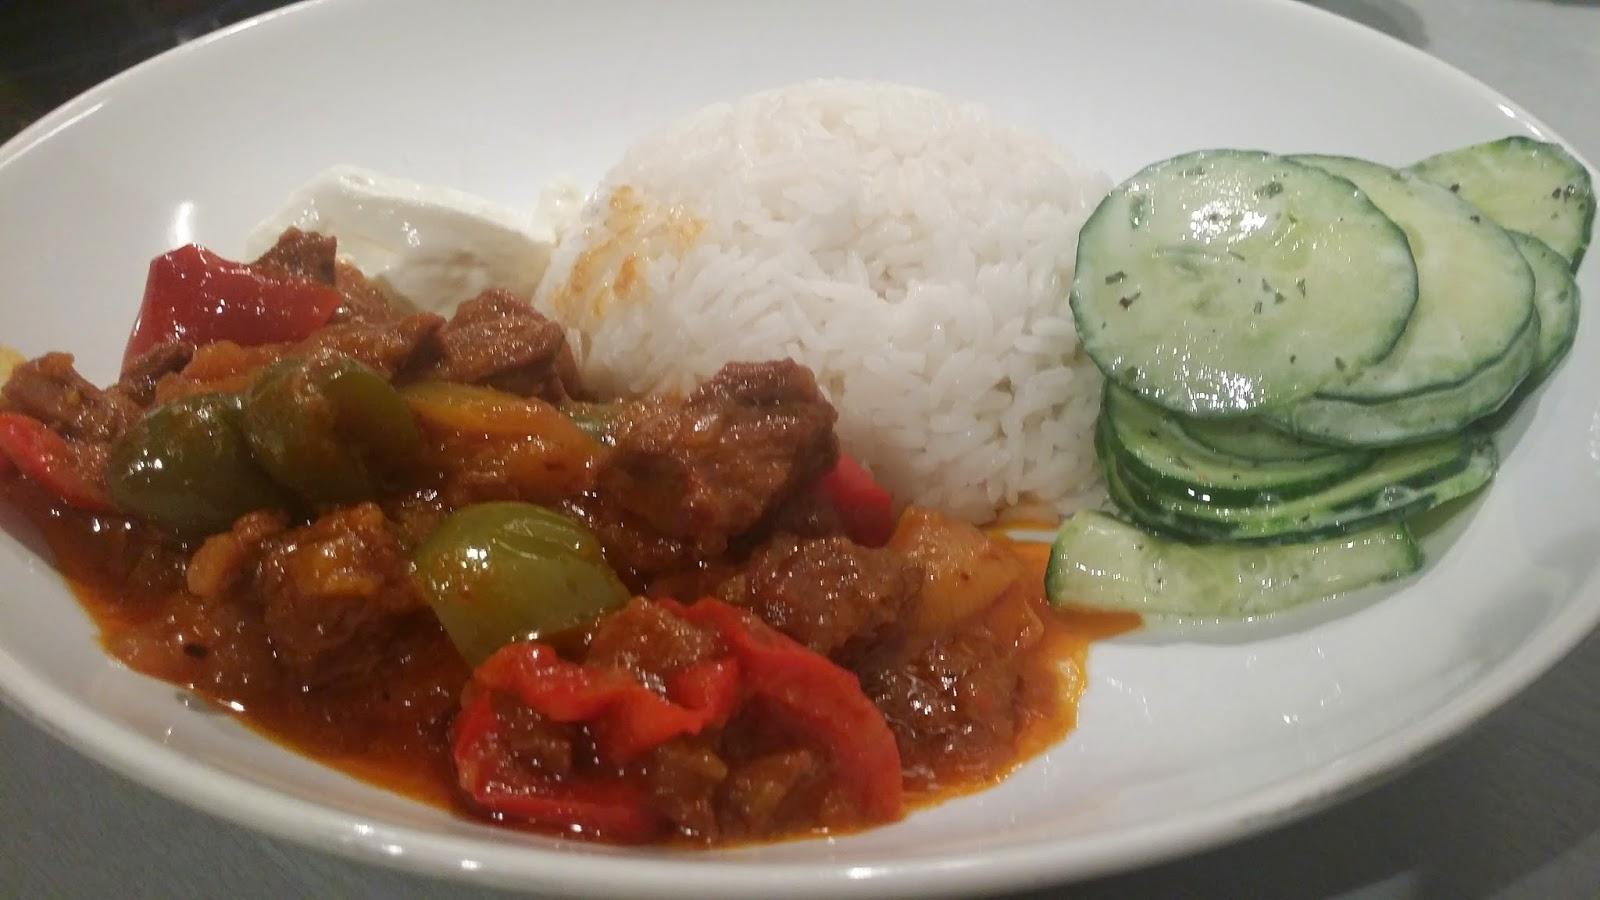 Runder goulash met rijst en een frisse komkommersalade | LeinKookt ...